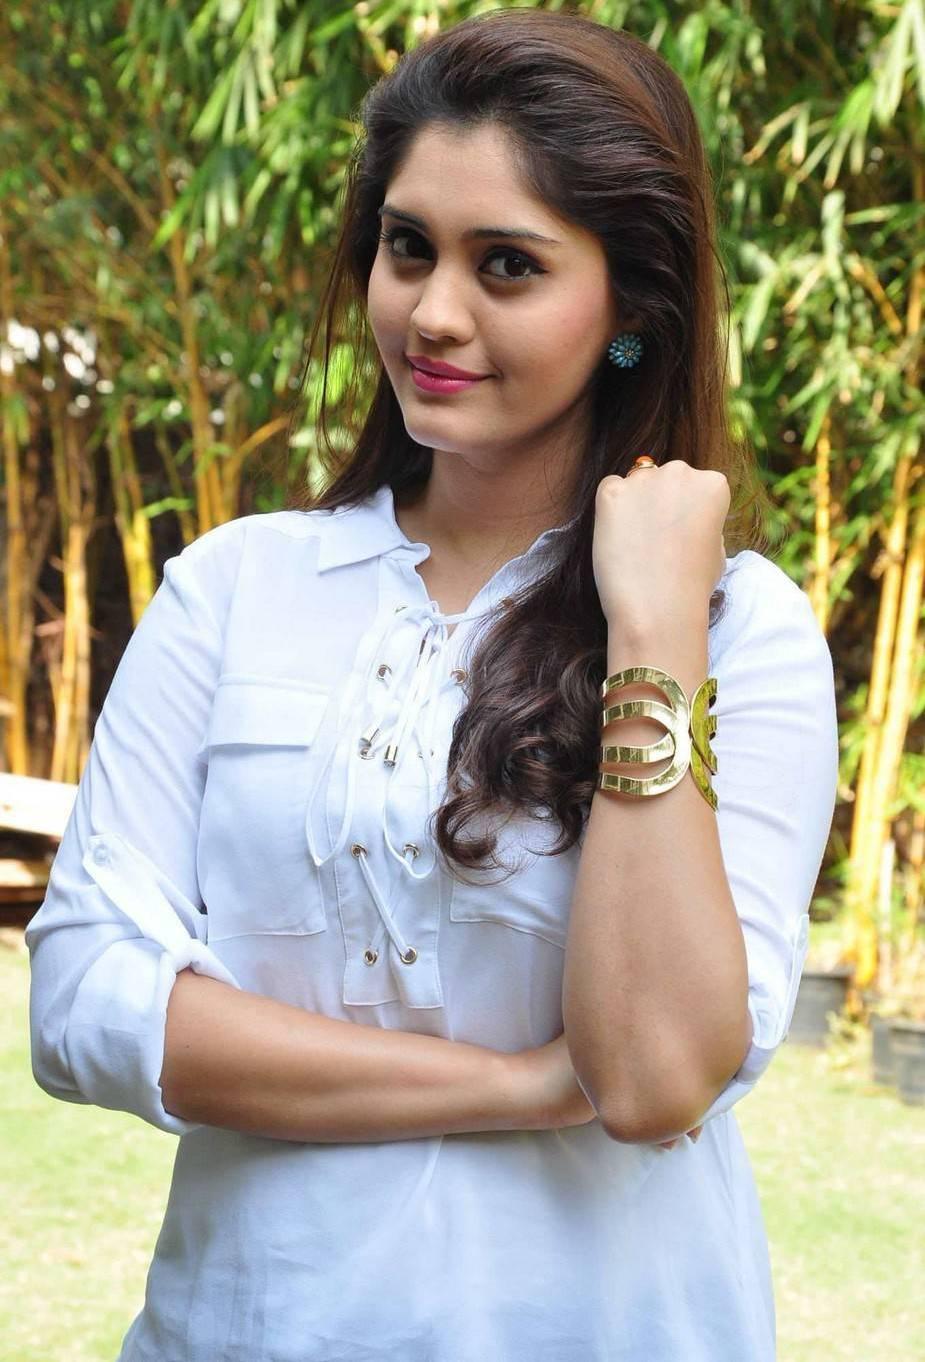 actress surabhi beautiful smiling photos - cap